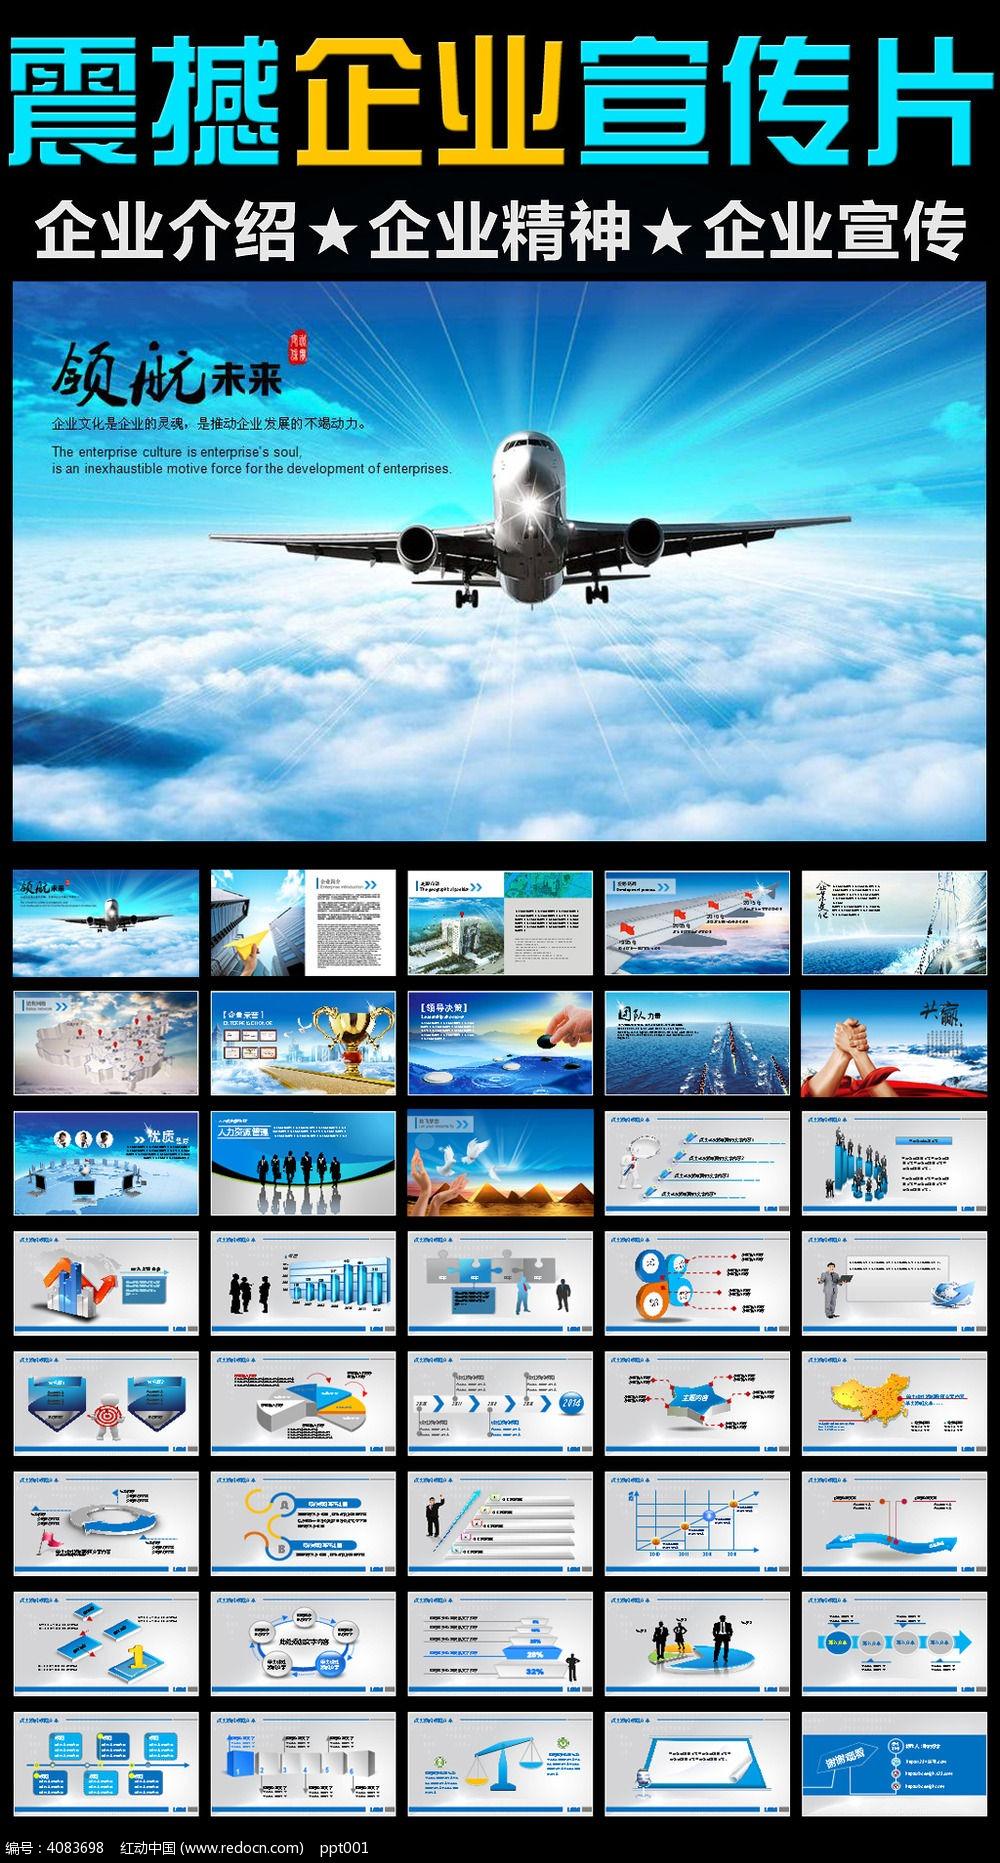 蓝色大气飞机航空公司ppt